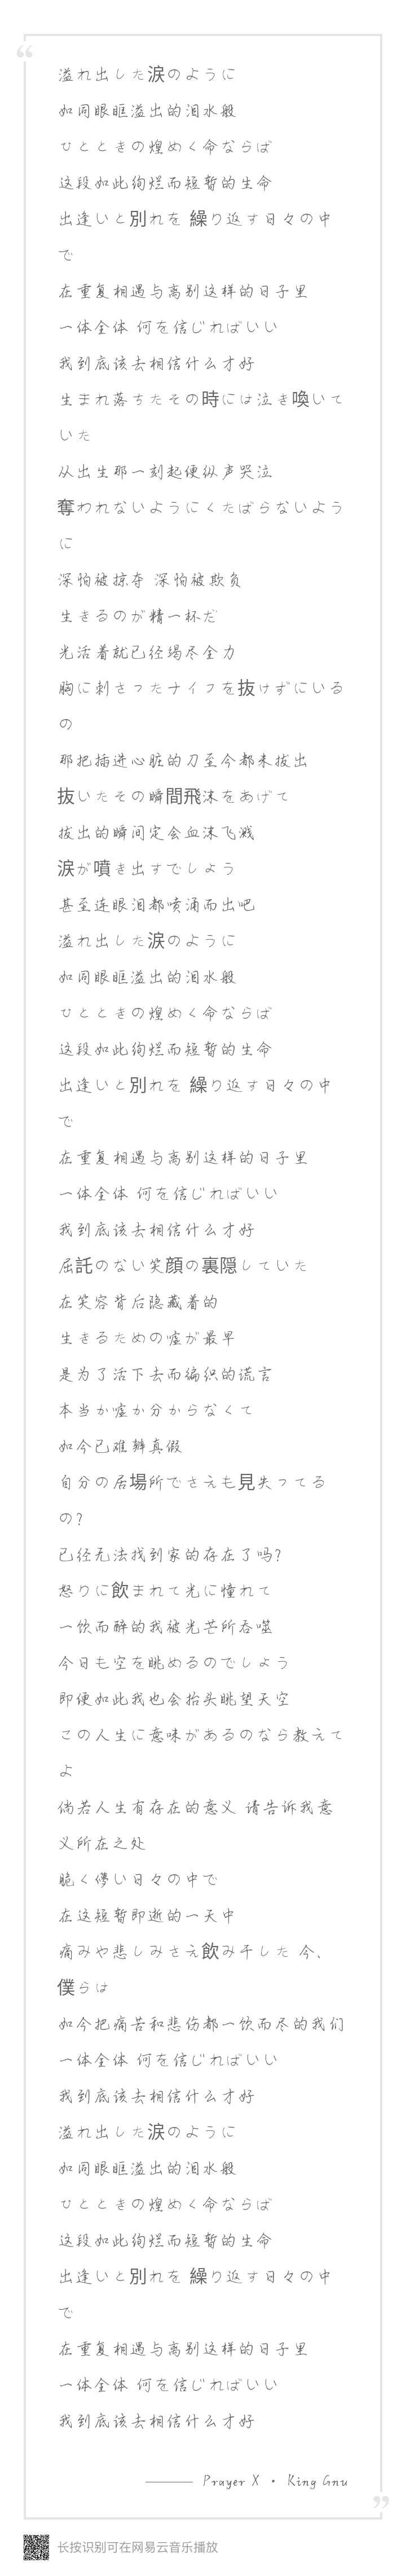 【音乐】Prayer X